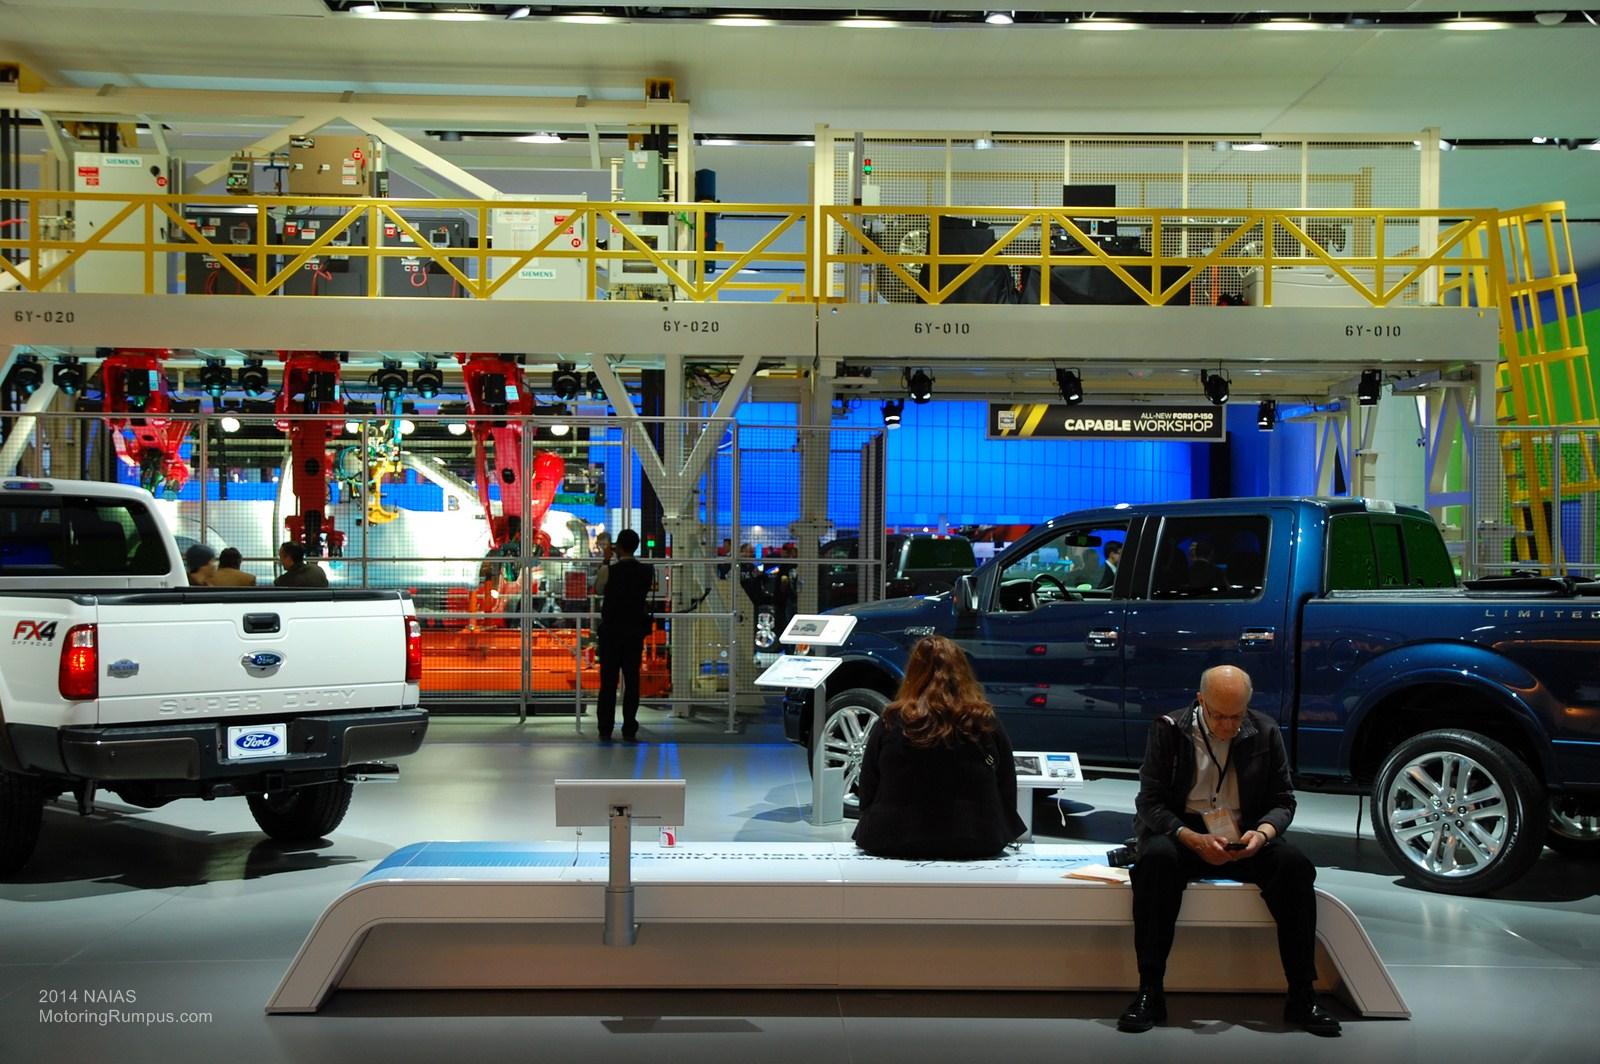 2014 NAIAS Ford Display